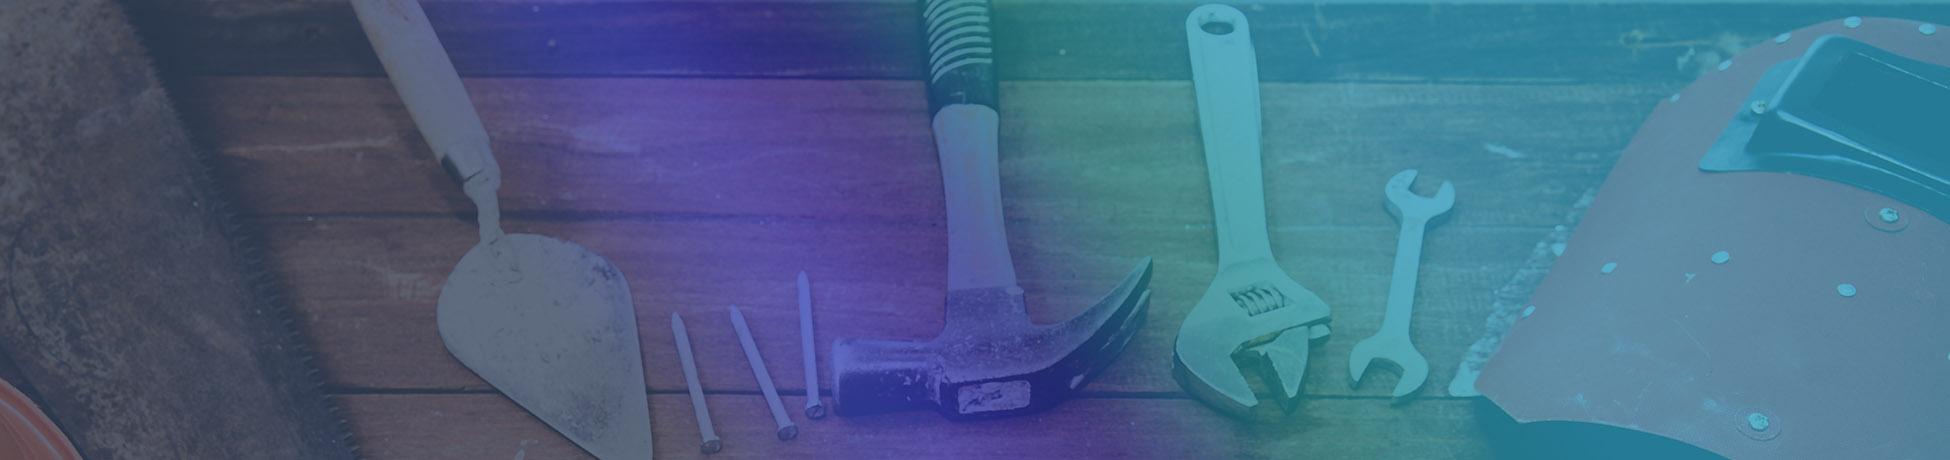 manutenção para websites